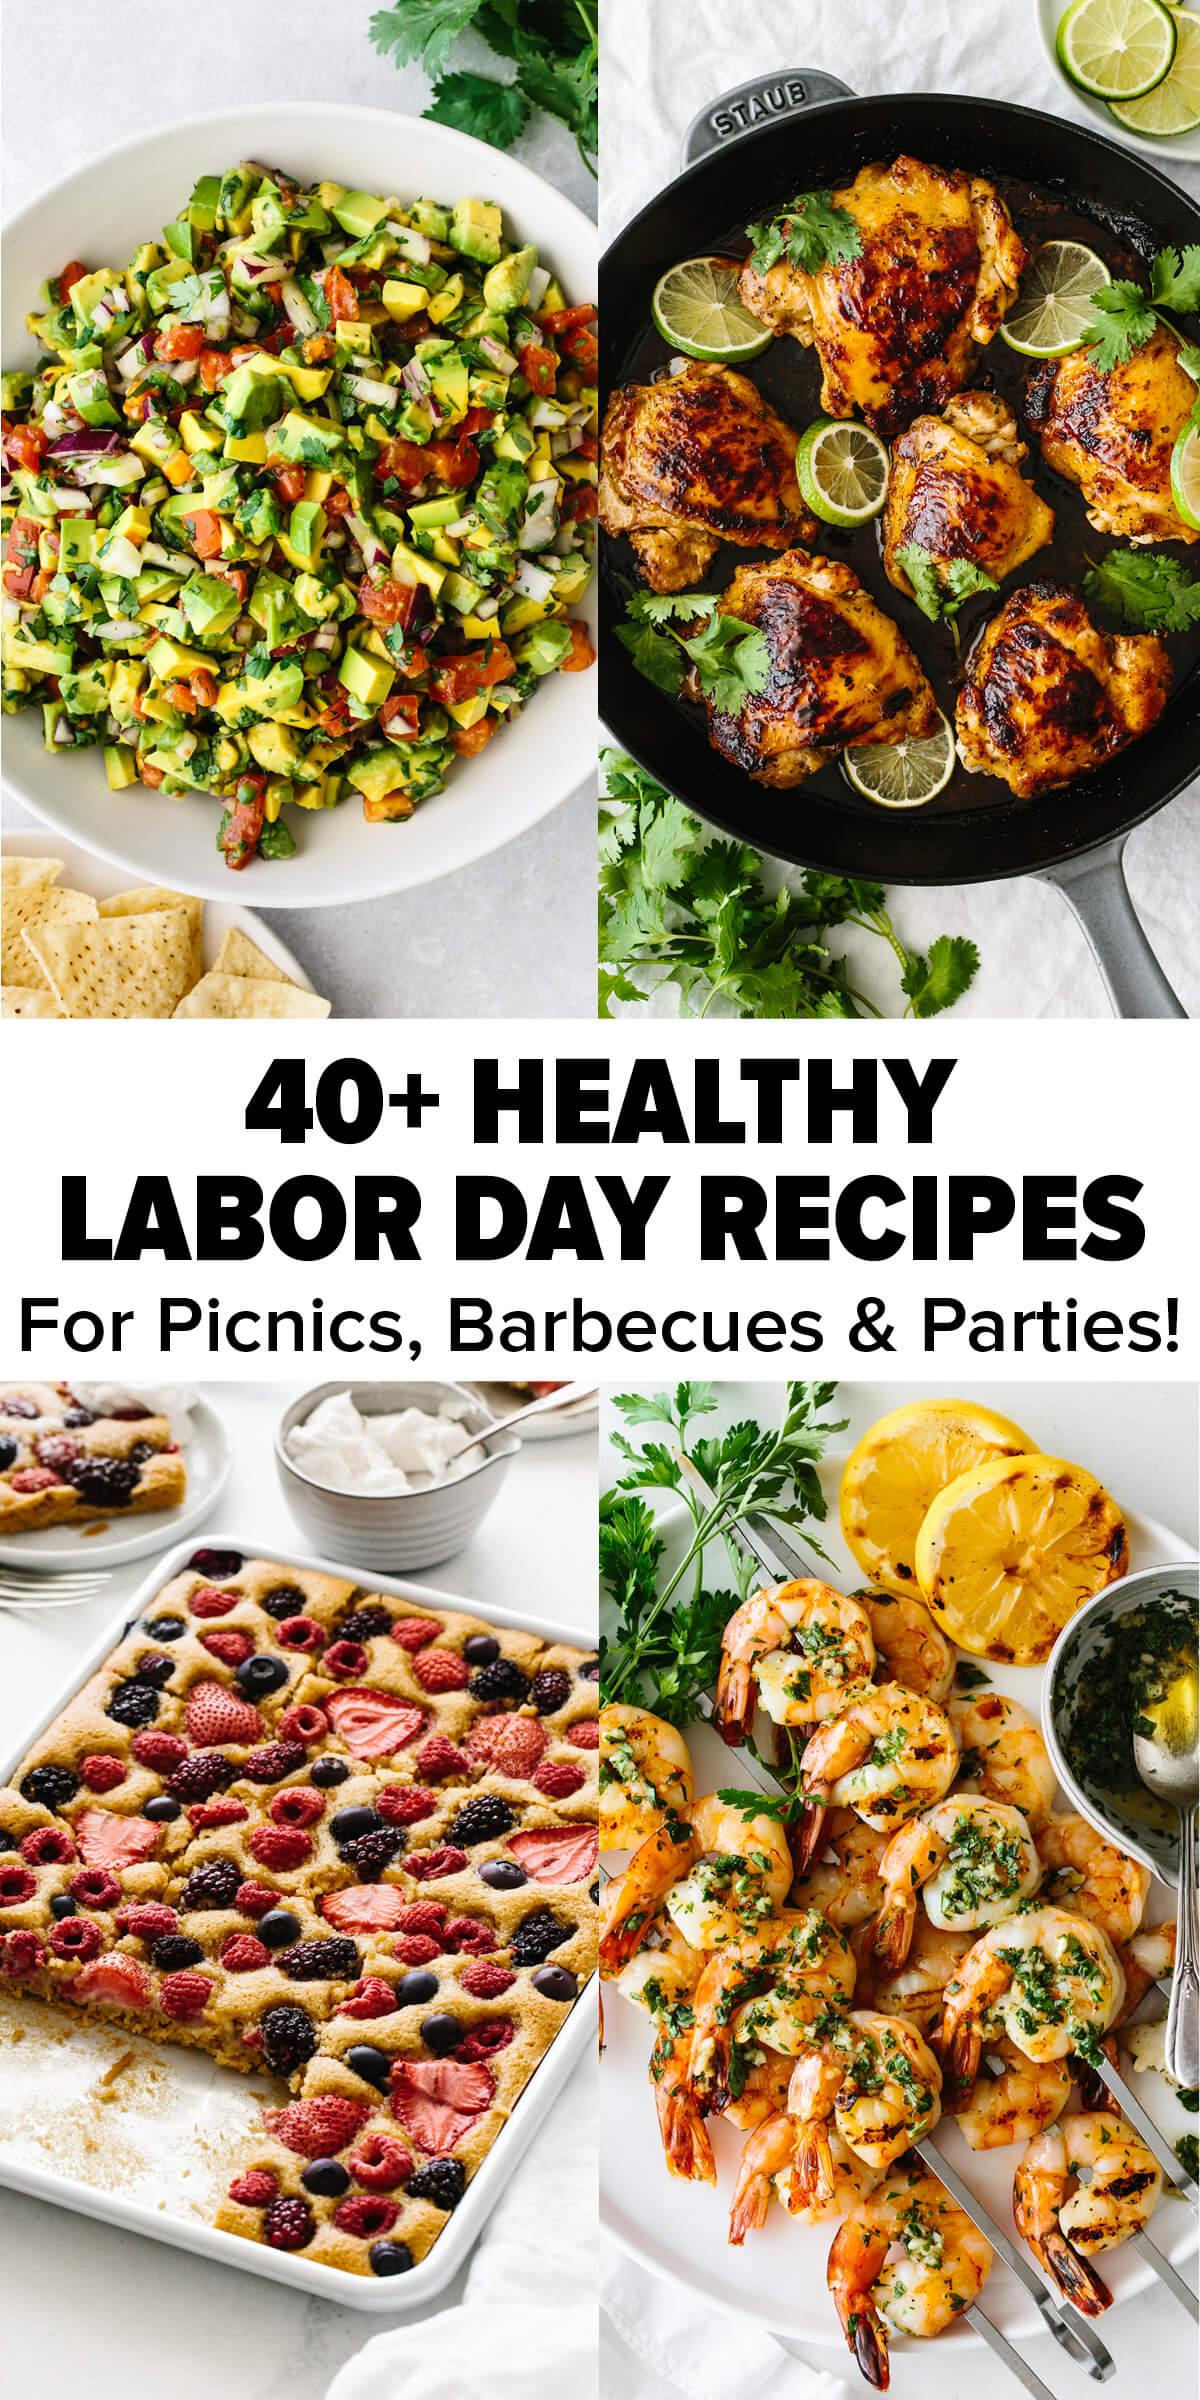 10+ Healthy Labor Day Recipes  Downshiftology